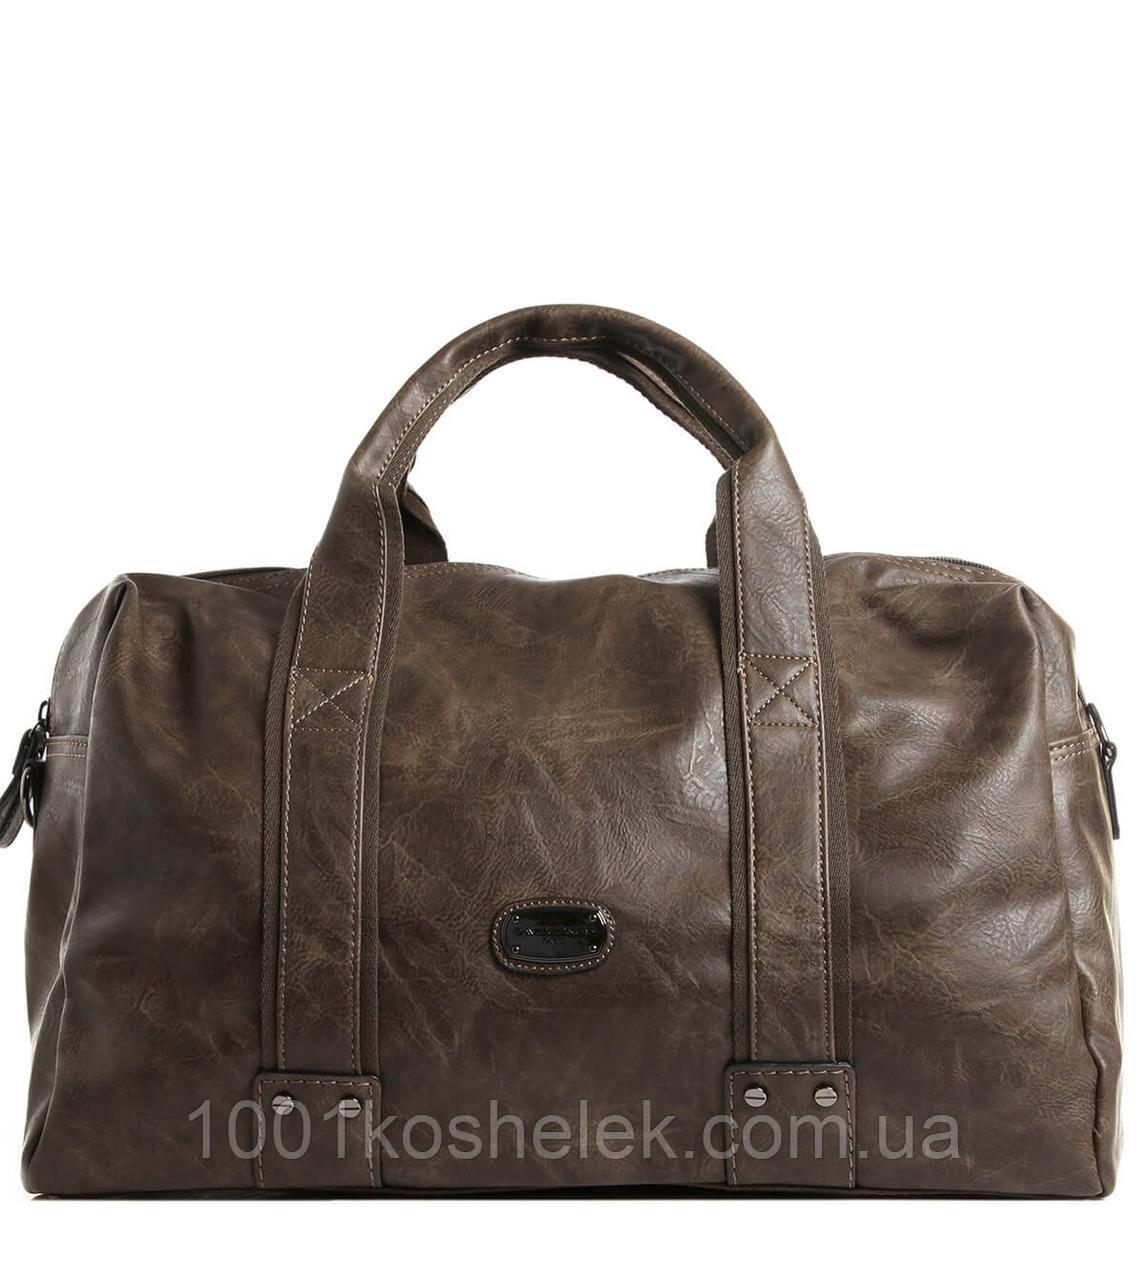 Дорожная сумка David Jones 3941-1 (Хаки)